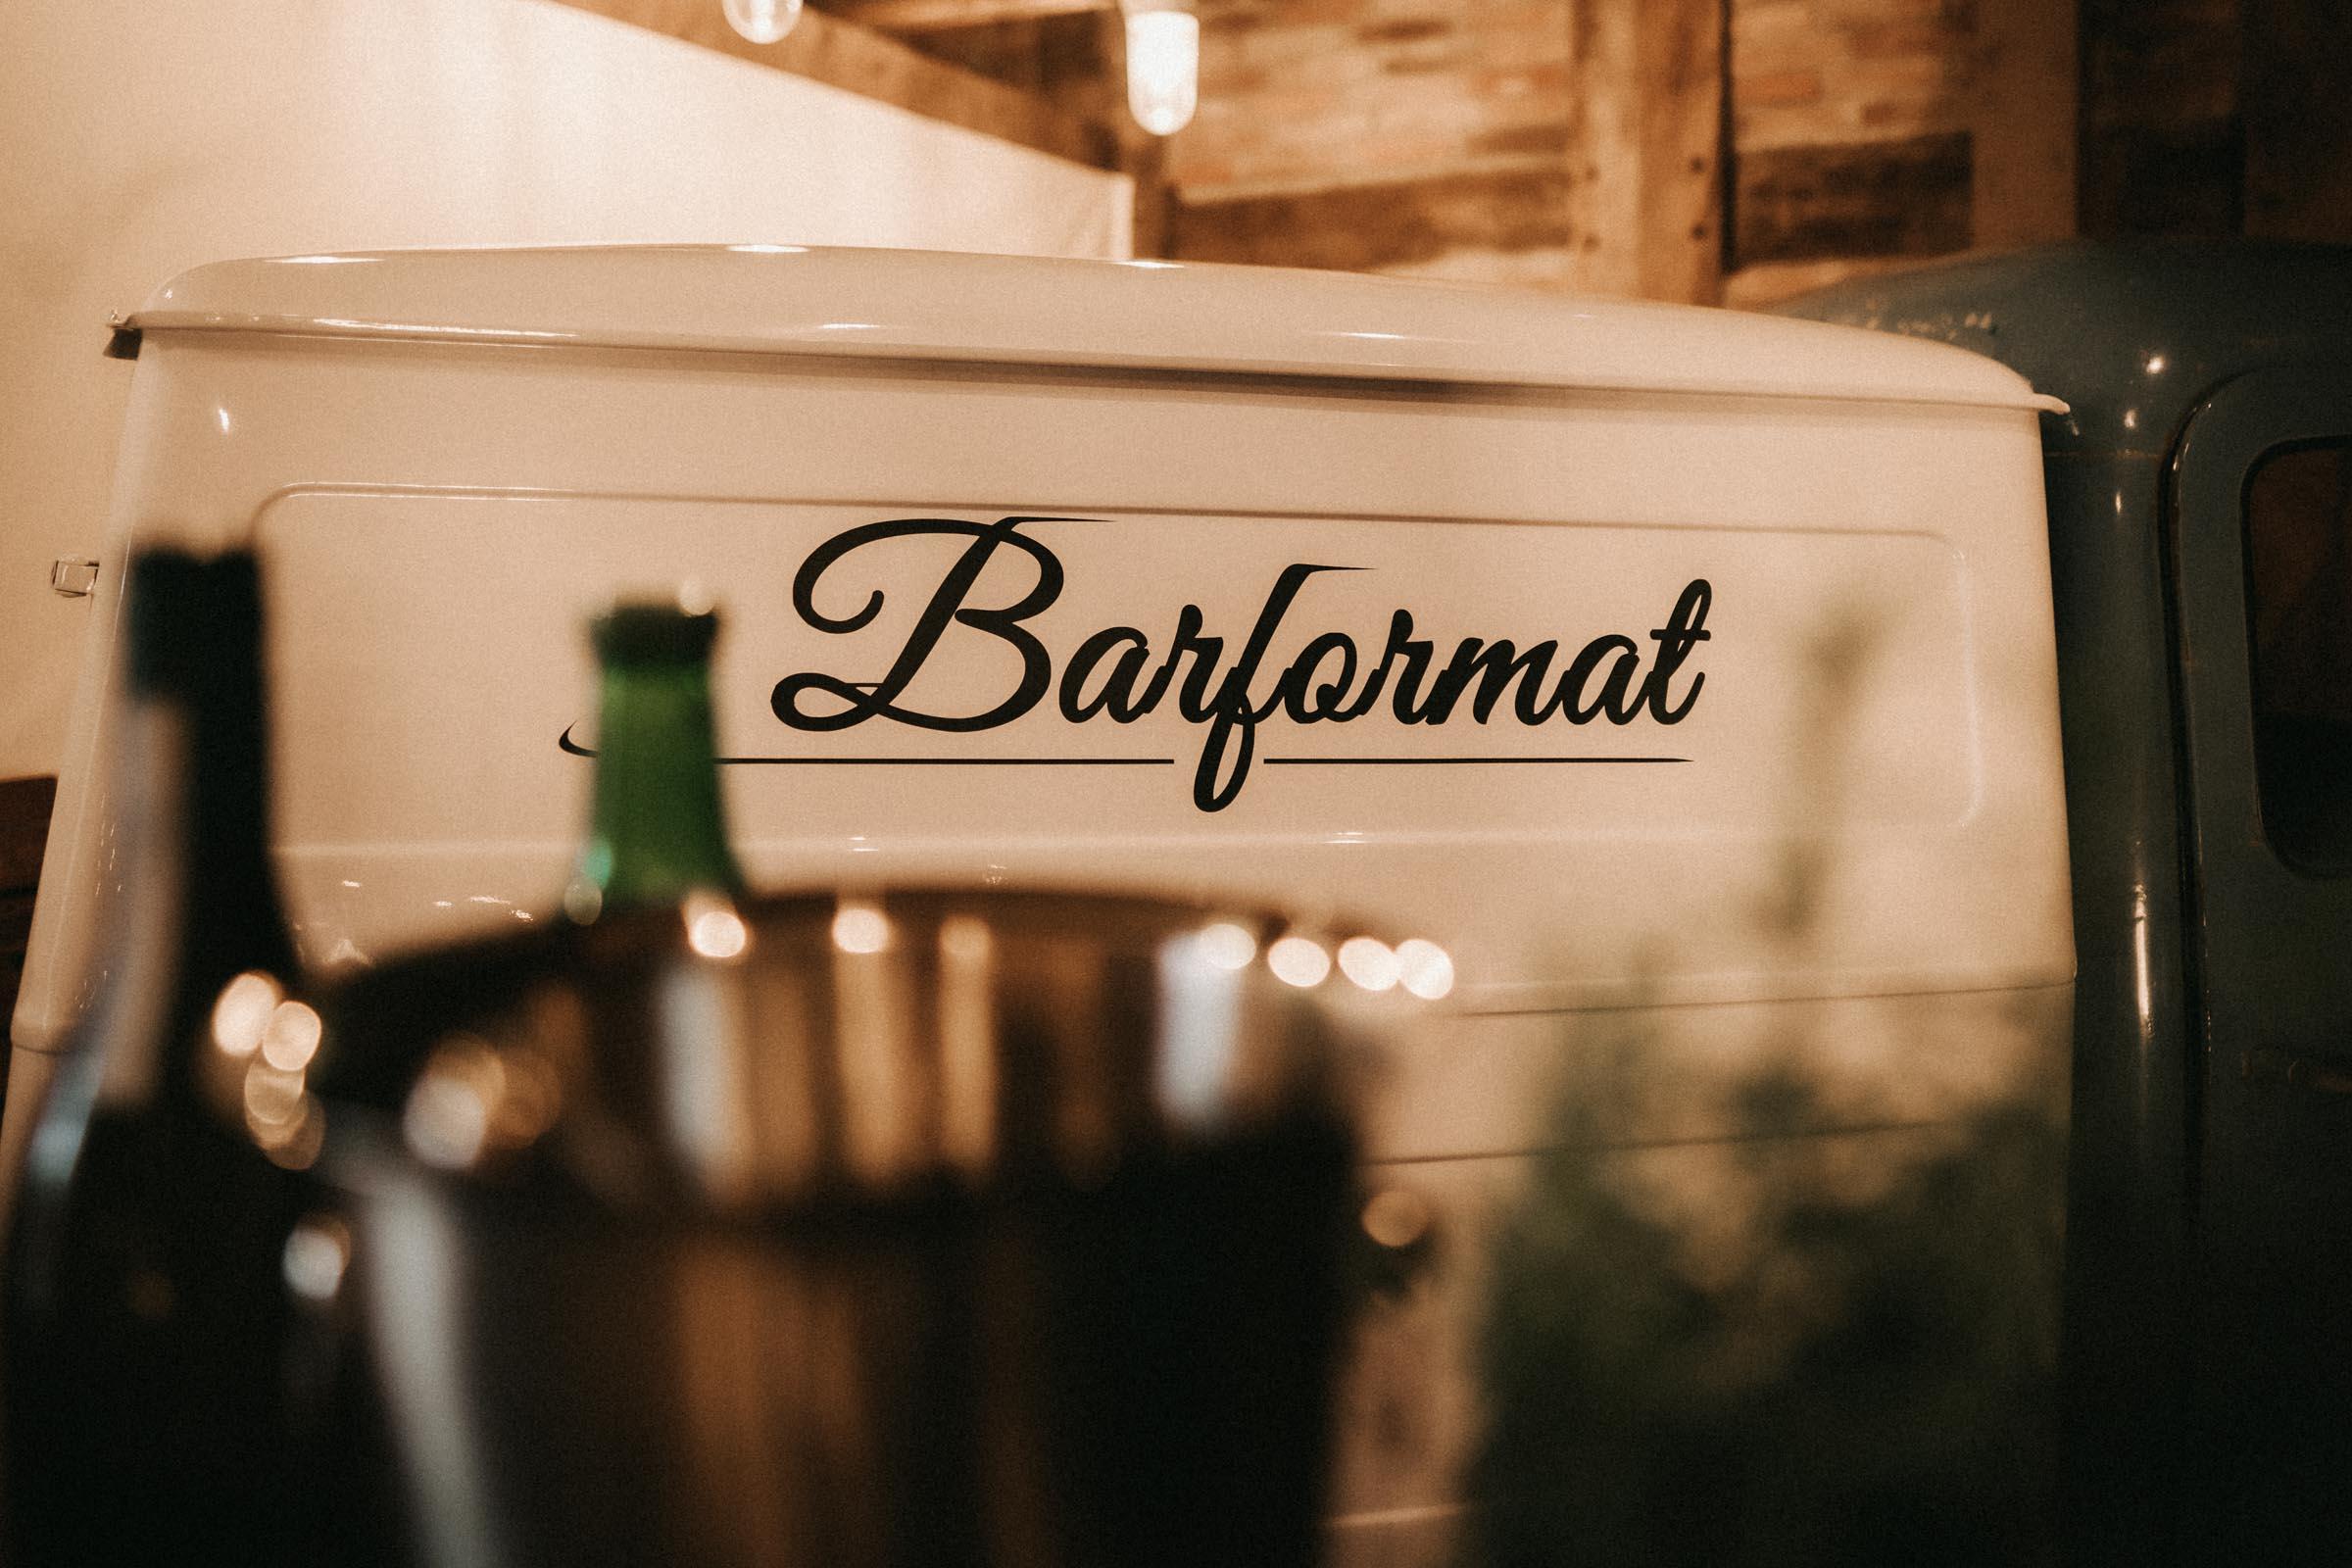 Barformat | Mobile | Bar | Hannover | Hamburg | Bremen | Braunschweig | Cocktailbar | Sektempfang | Bulli | Bar | Hochzeit | Cocktailservice | Standesamt | Barkeeper | Messen | Firmenfeiern | Catering | Food | Truck | Getränke | Ape | VW